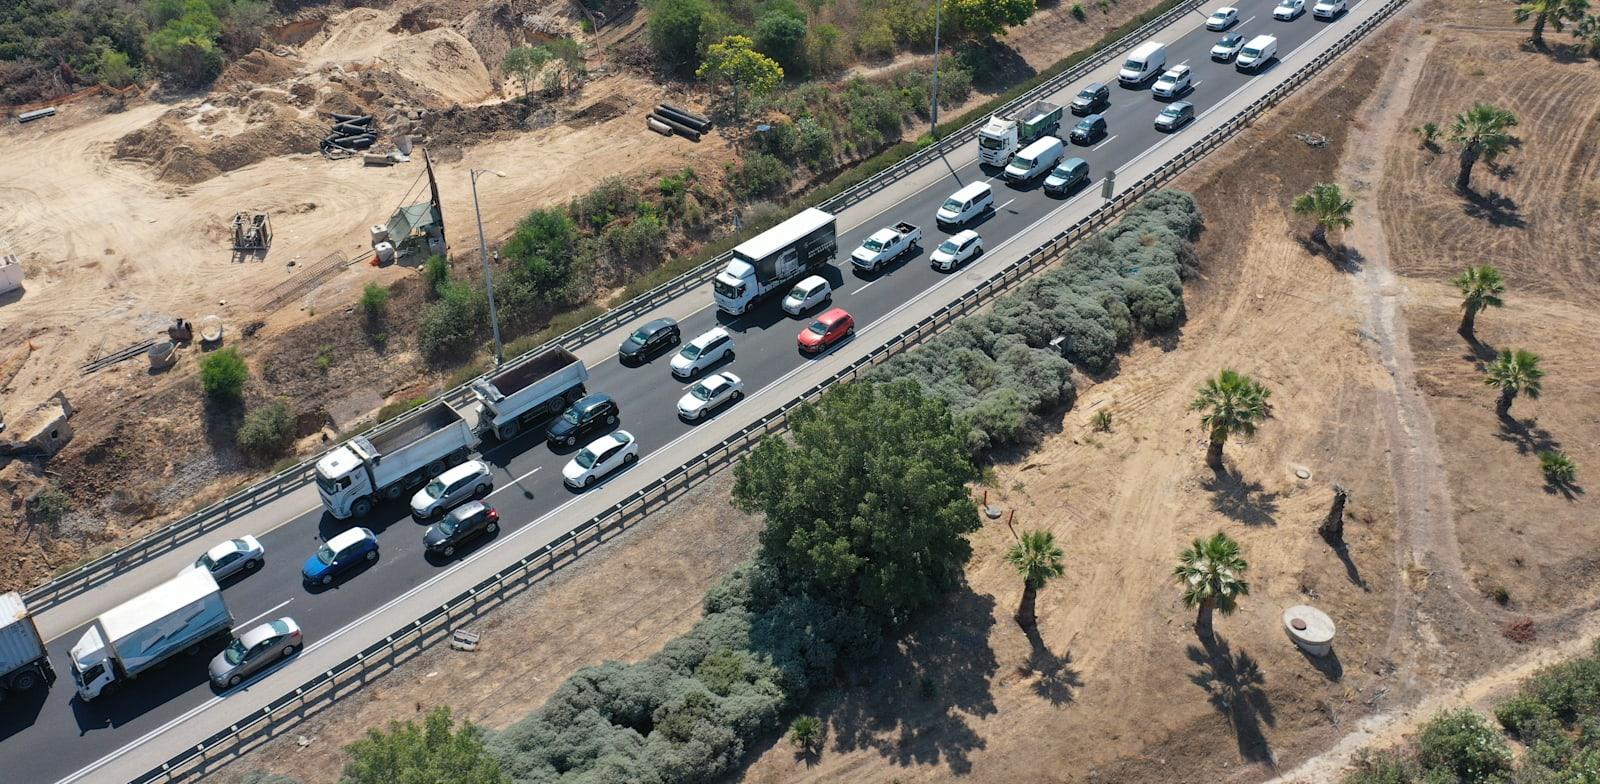 פקקים באיילון בירידה מכביש 431 / צילום: אייל פישר